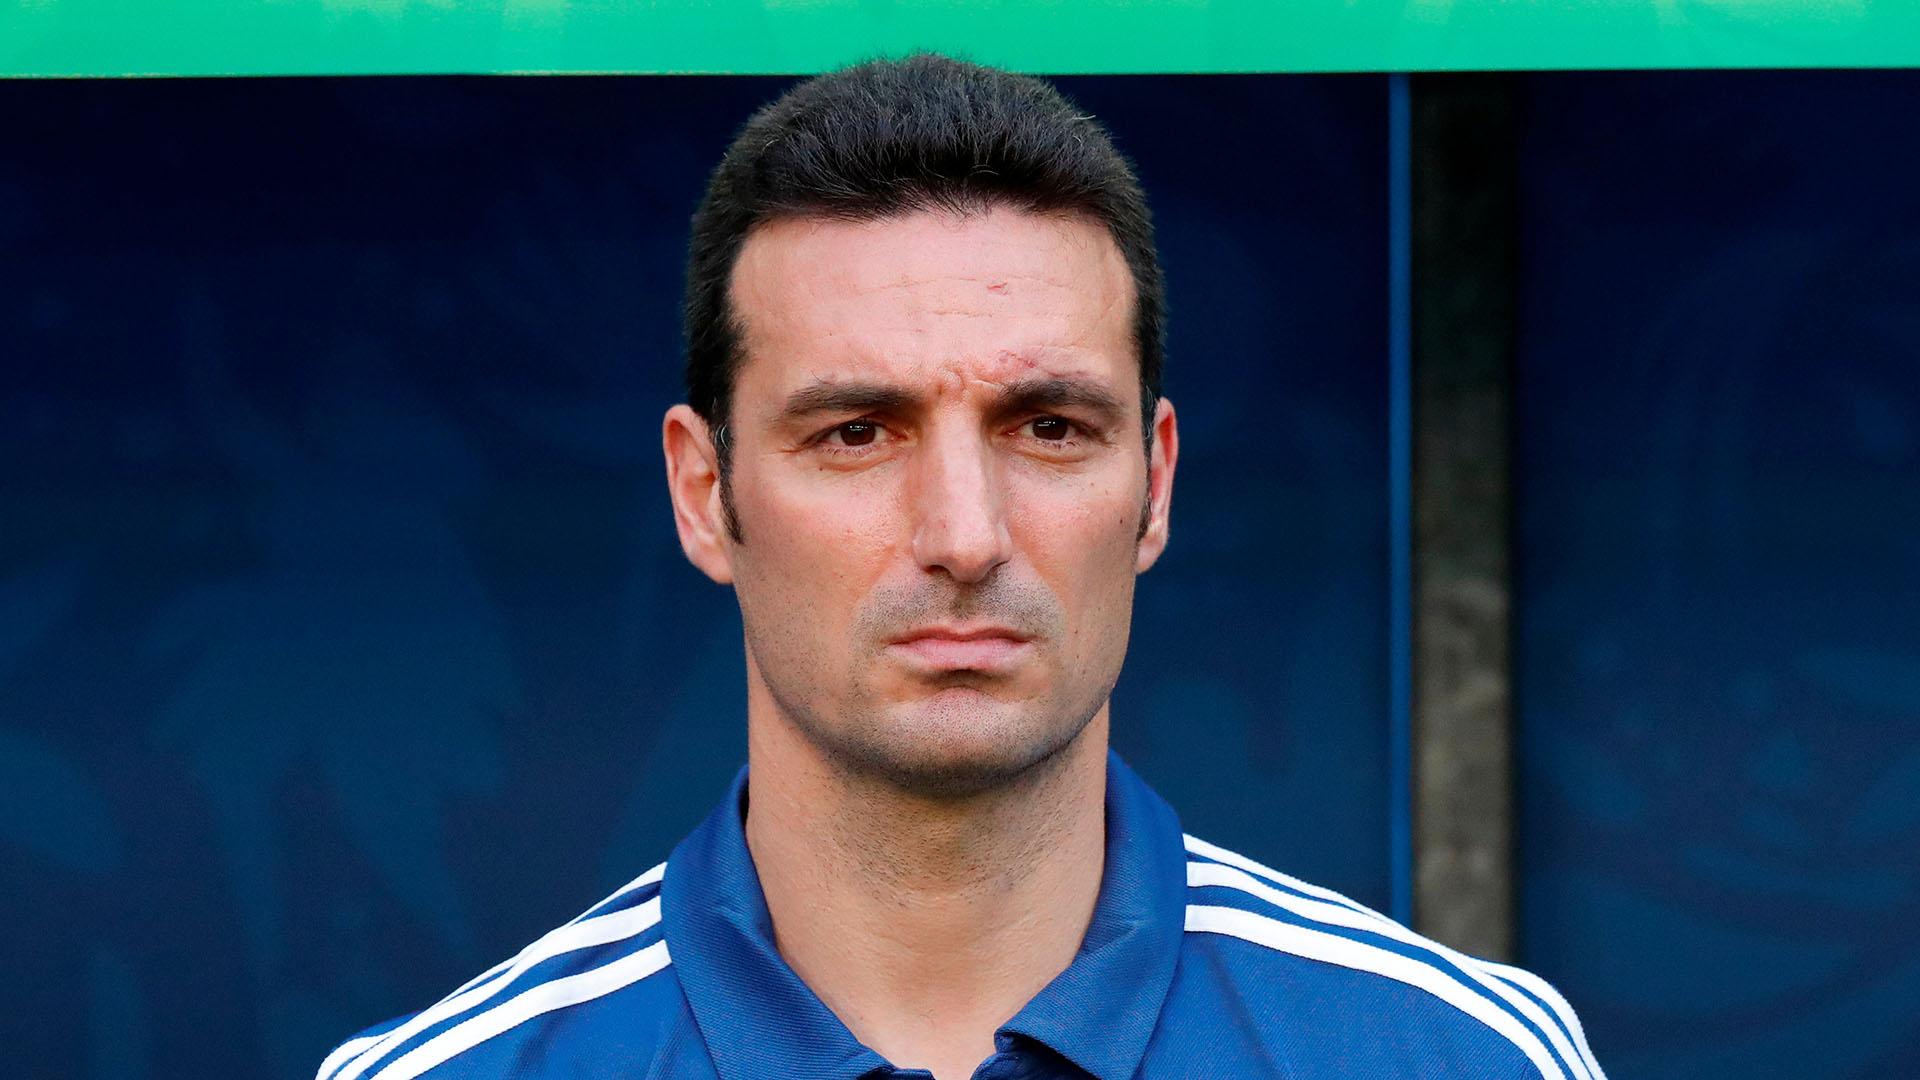 Scaloni, en el ojo de las críticas, se jugaba su futuro como entrenador